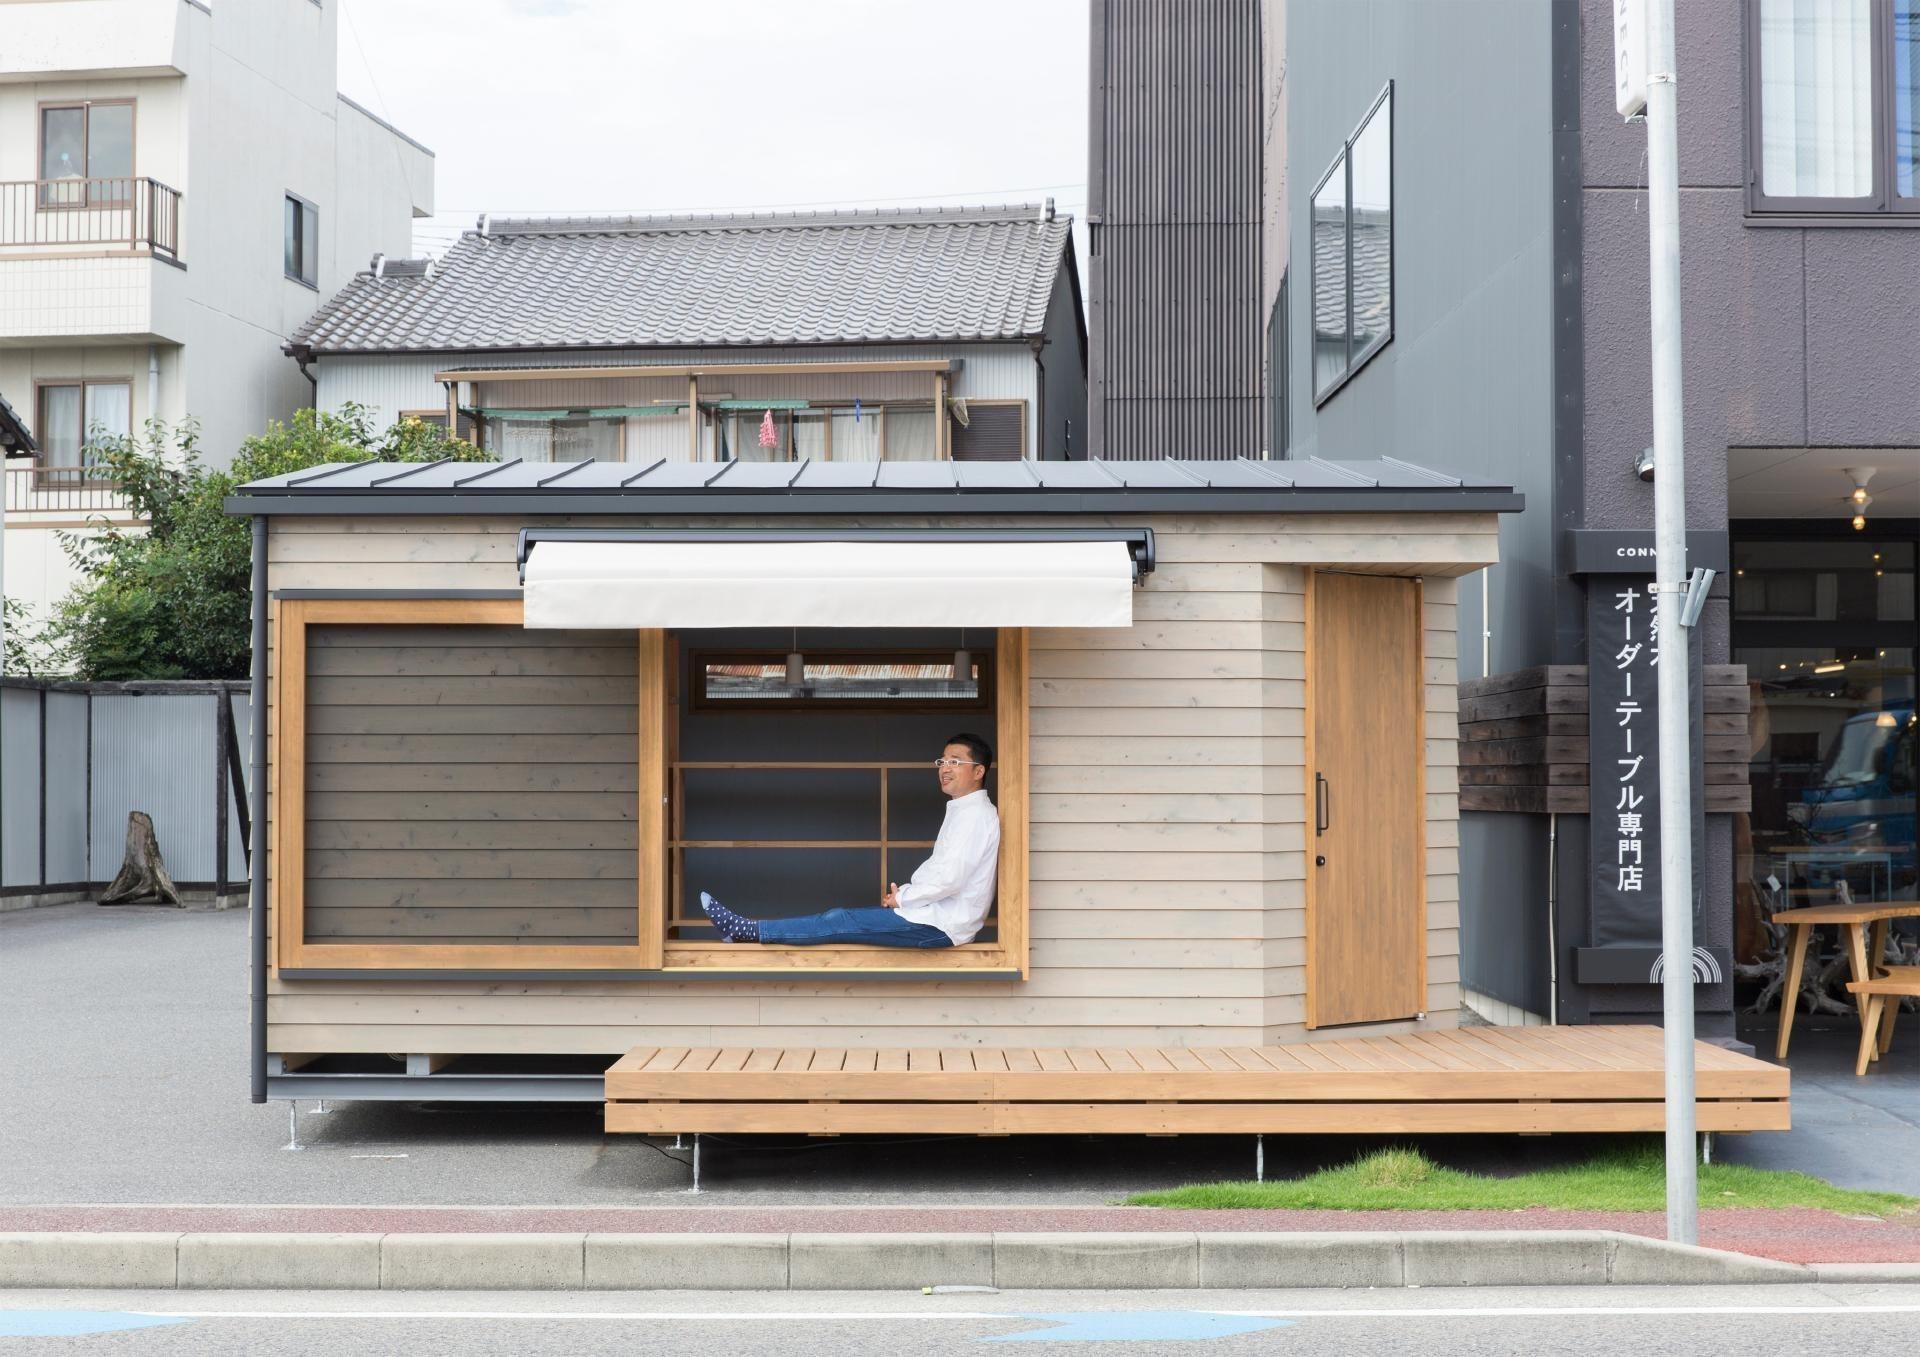 奥行のある窓枠は、ベンチになります。   移動できる小屋、コダマベース